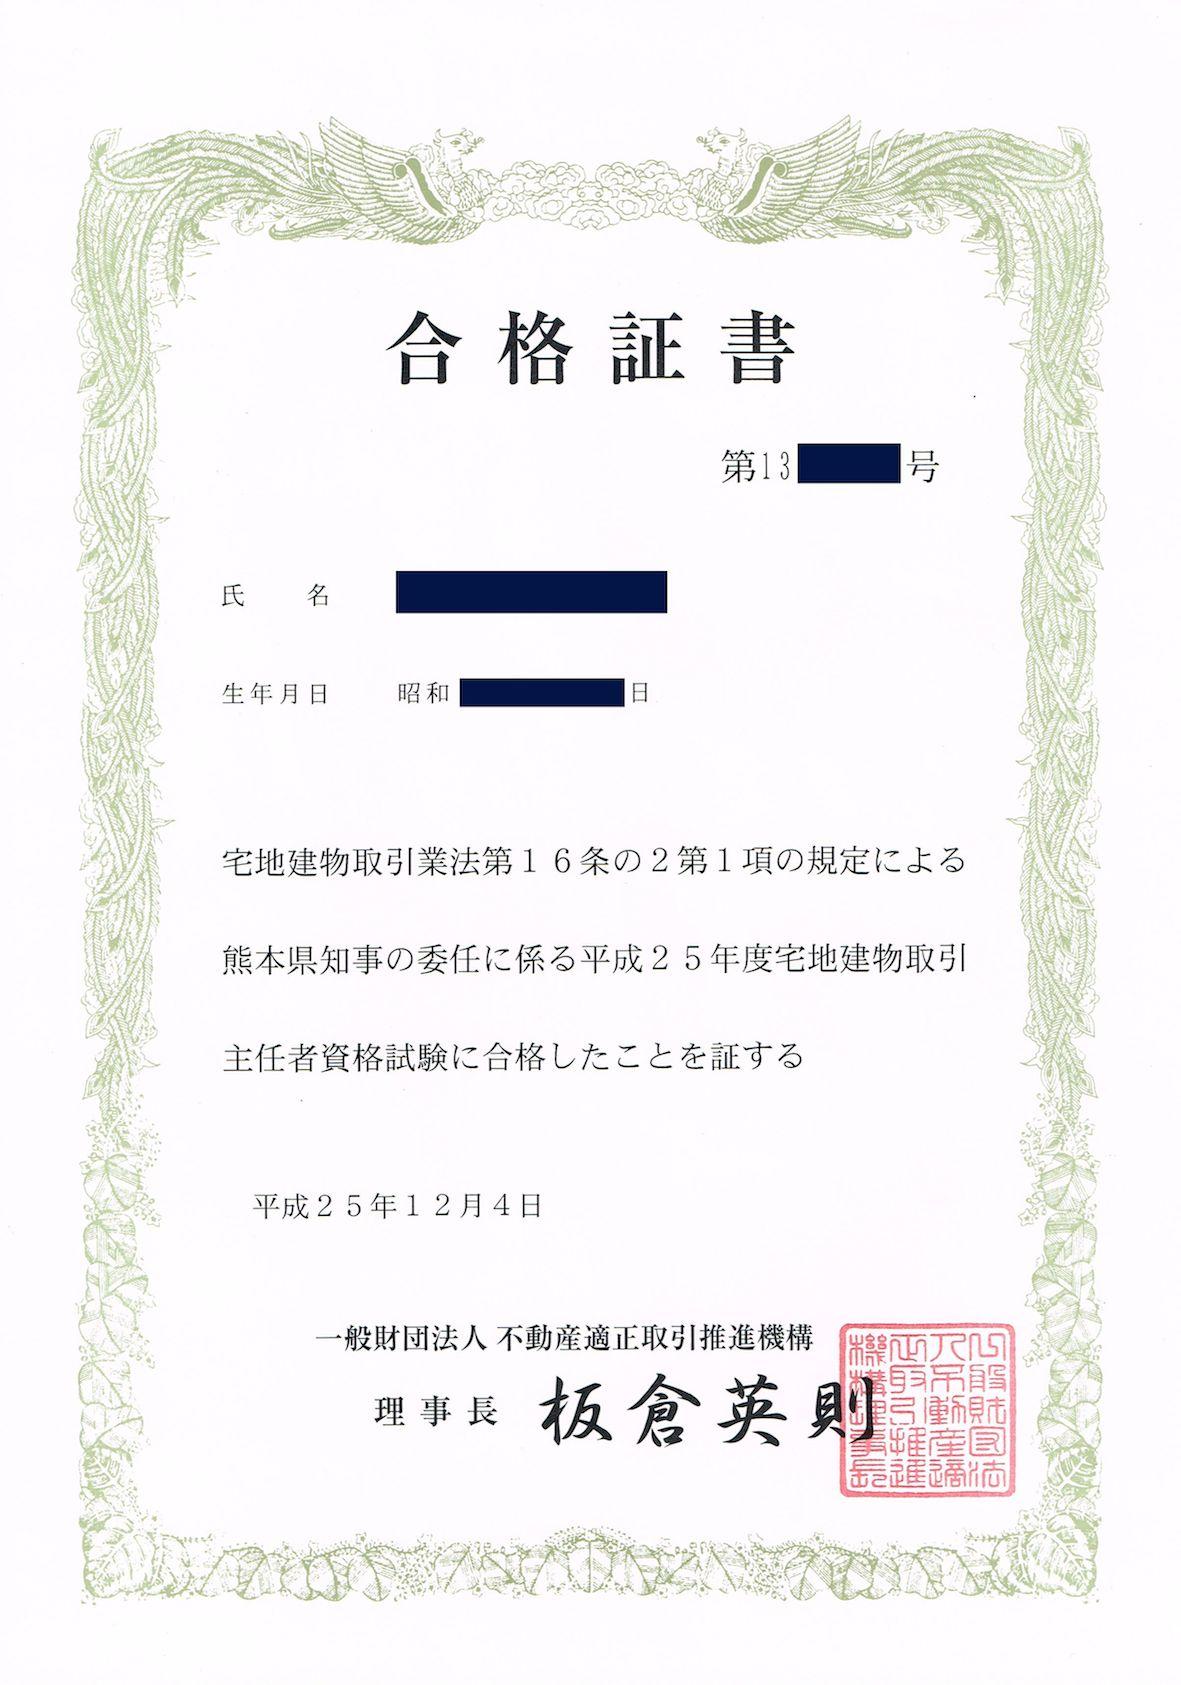 宅建合格証20140509